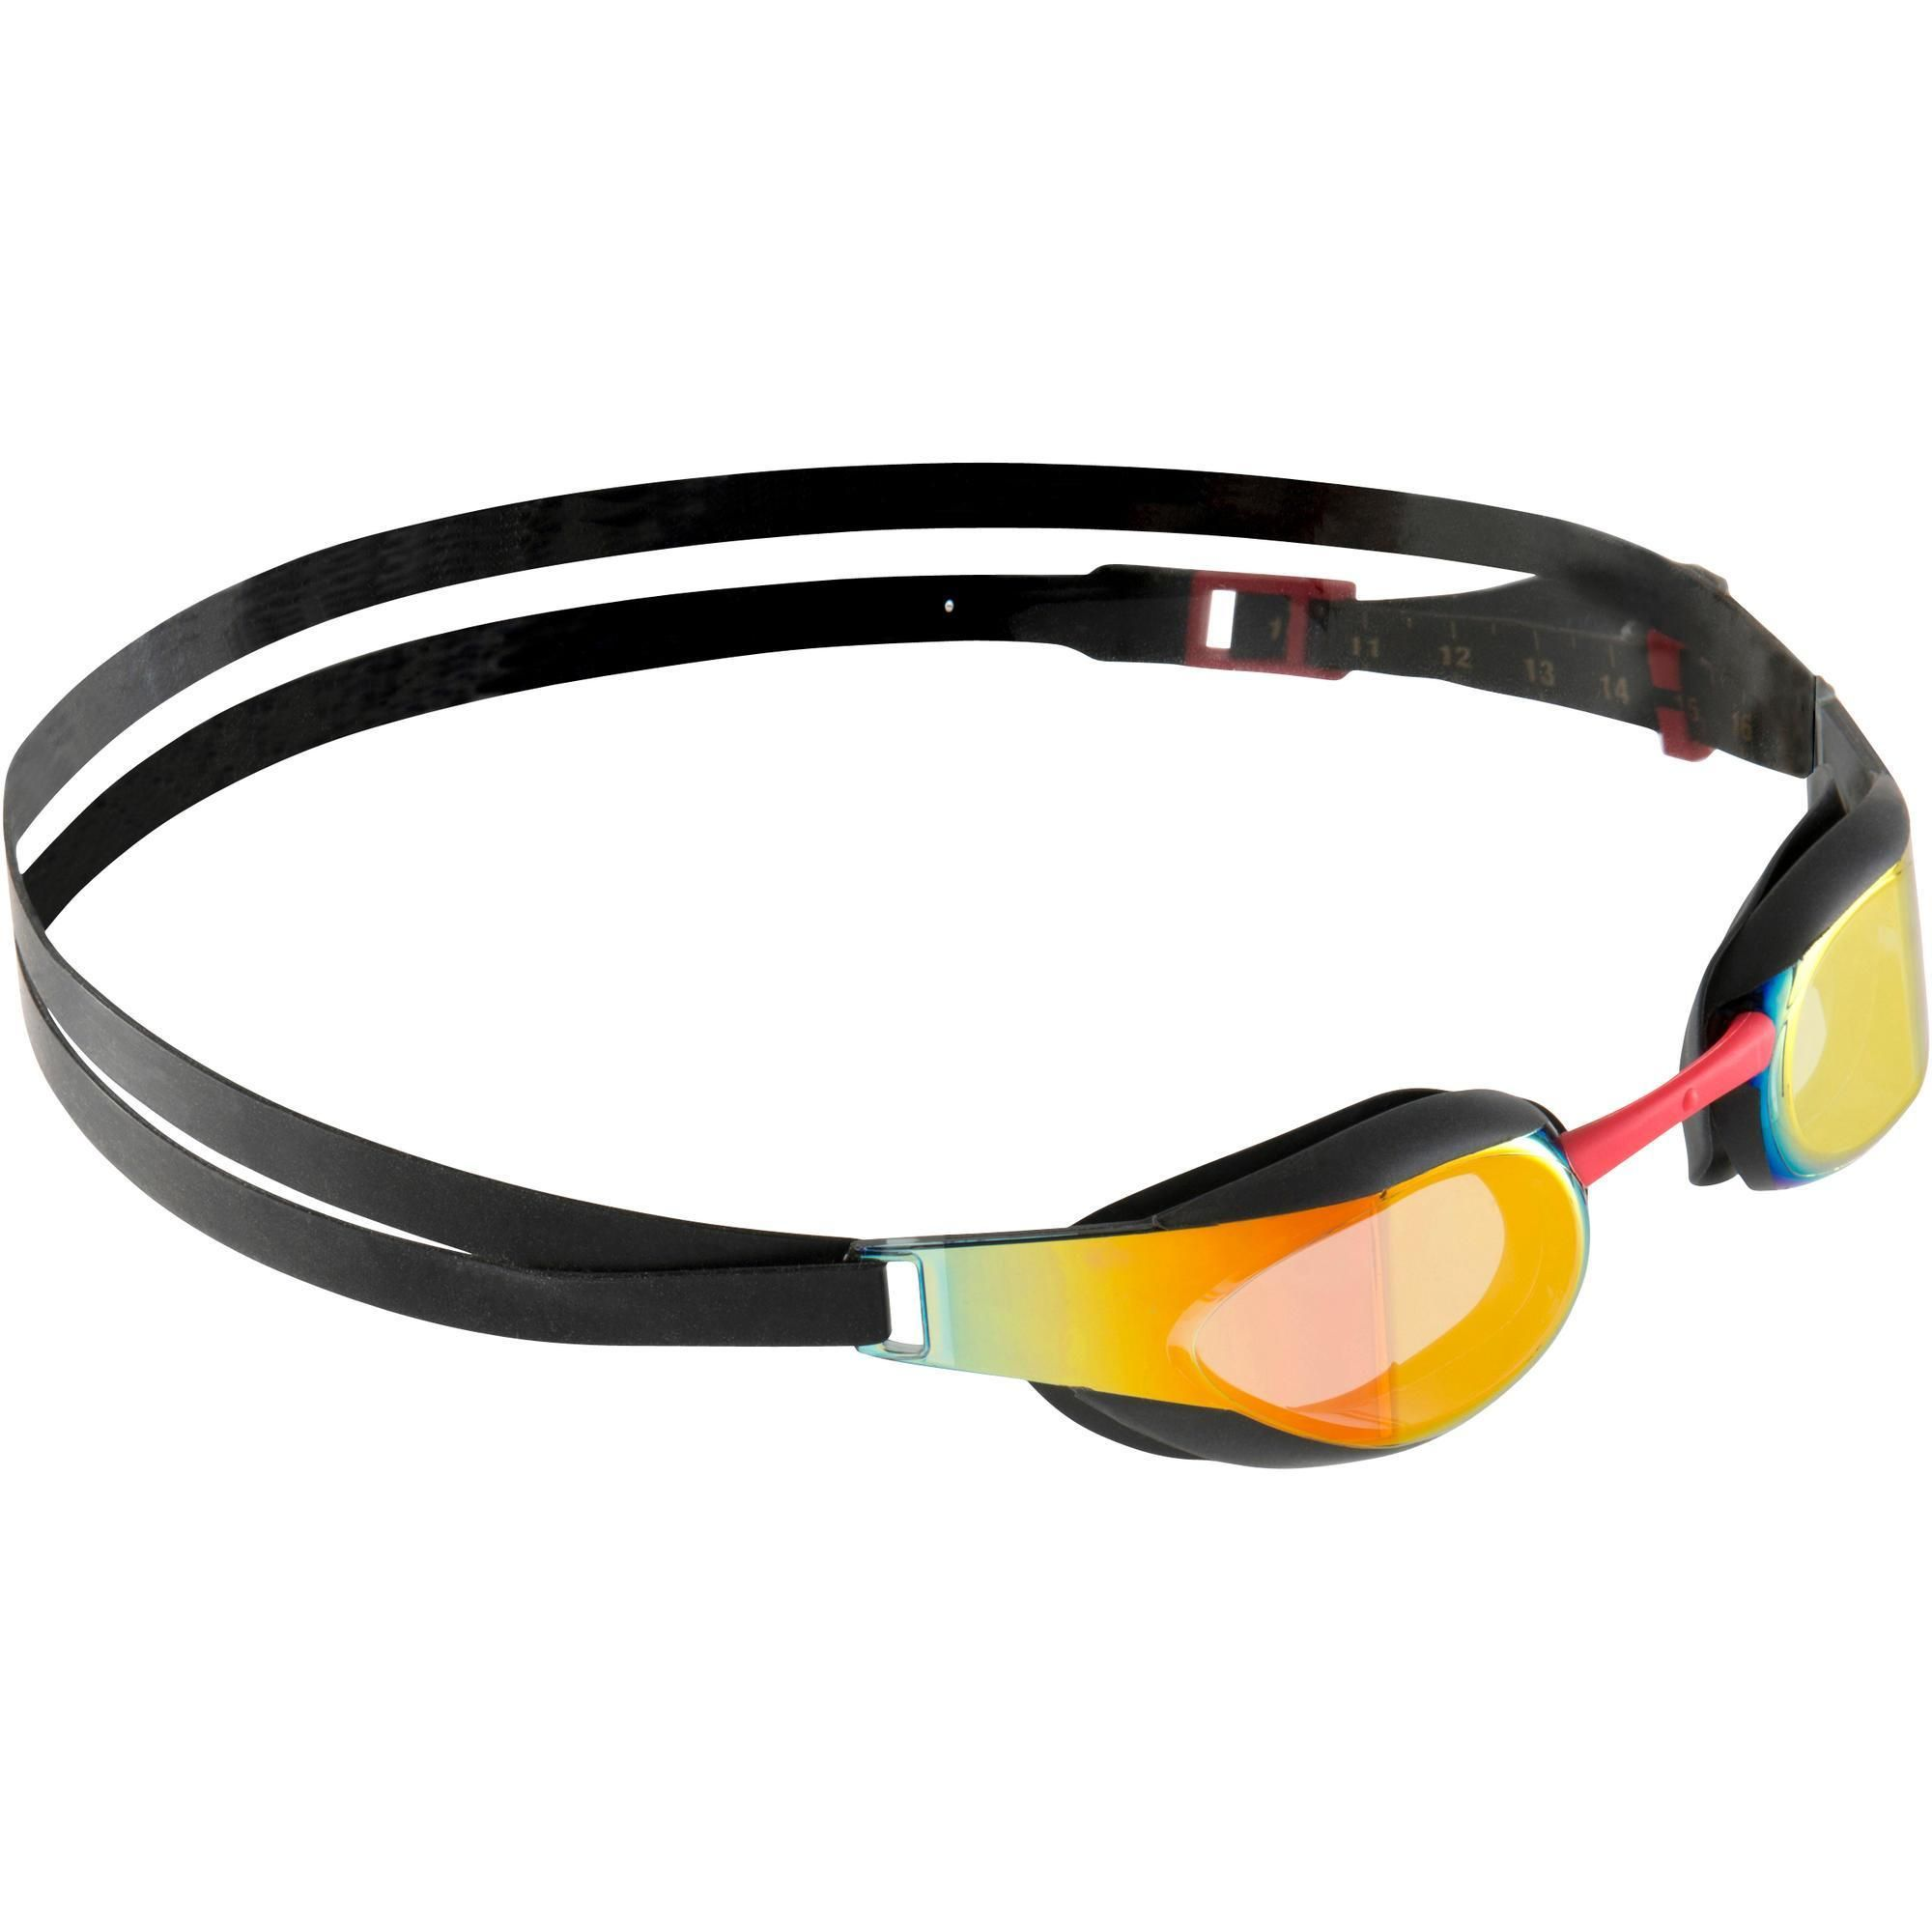 14d85cc639b317 Zwembril Fastskin Elite spiegelglas zwart | sporten - Speedo ...